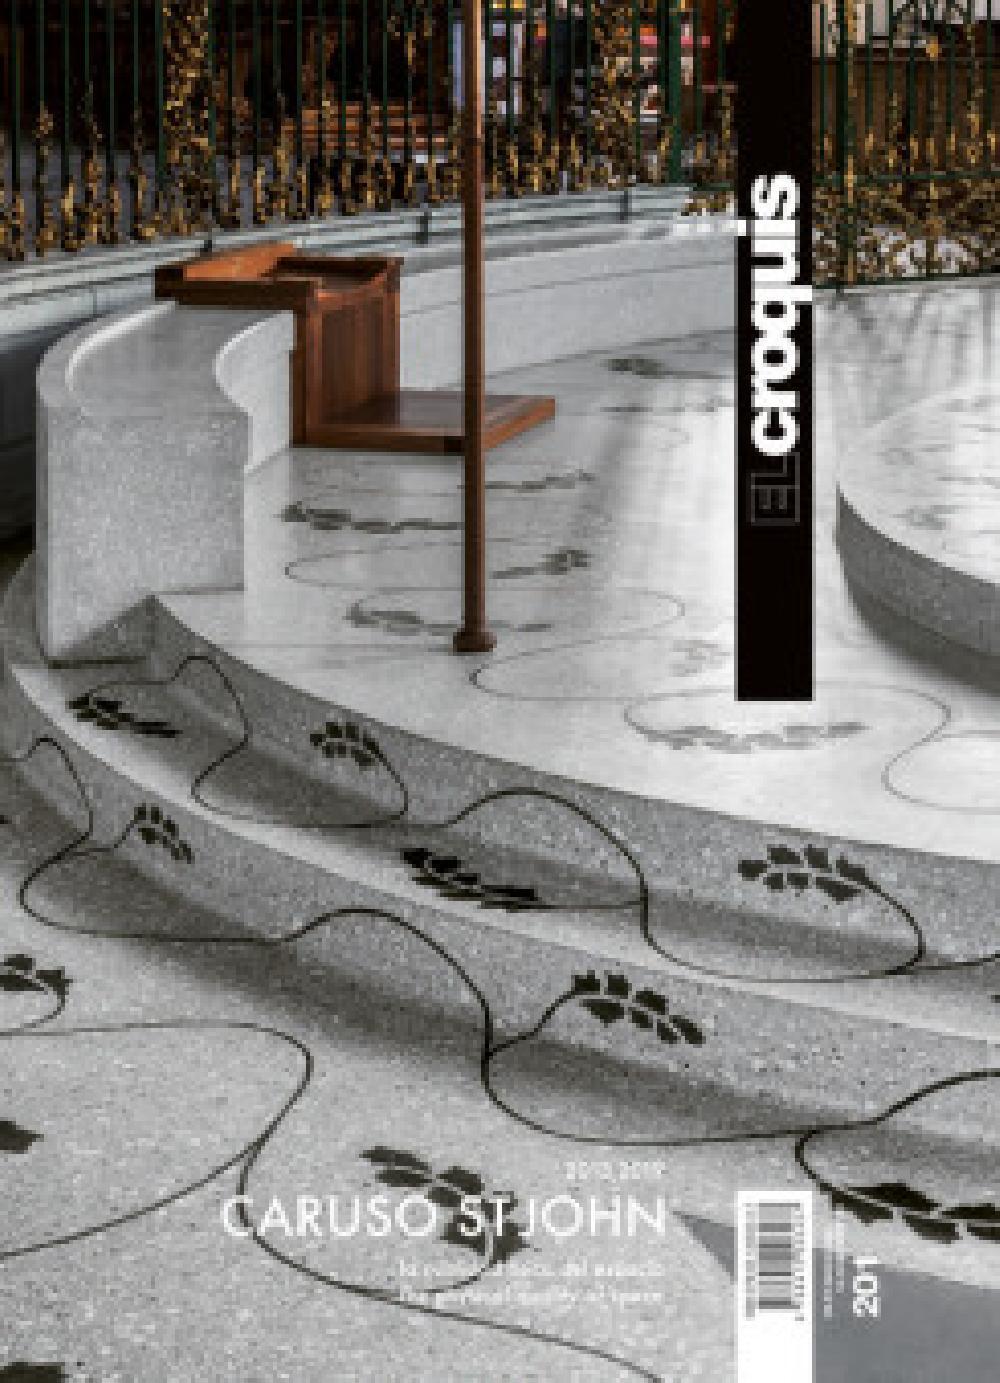 El Croquis 201: Caruso St John (2013-2019)